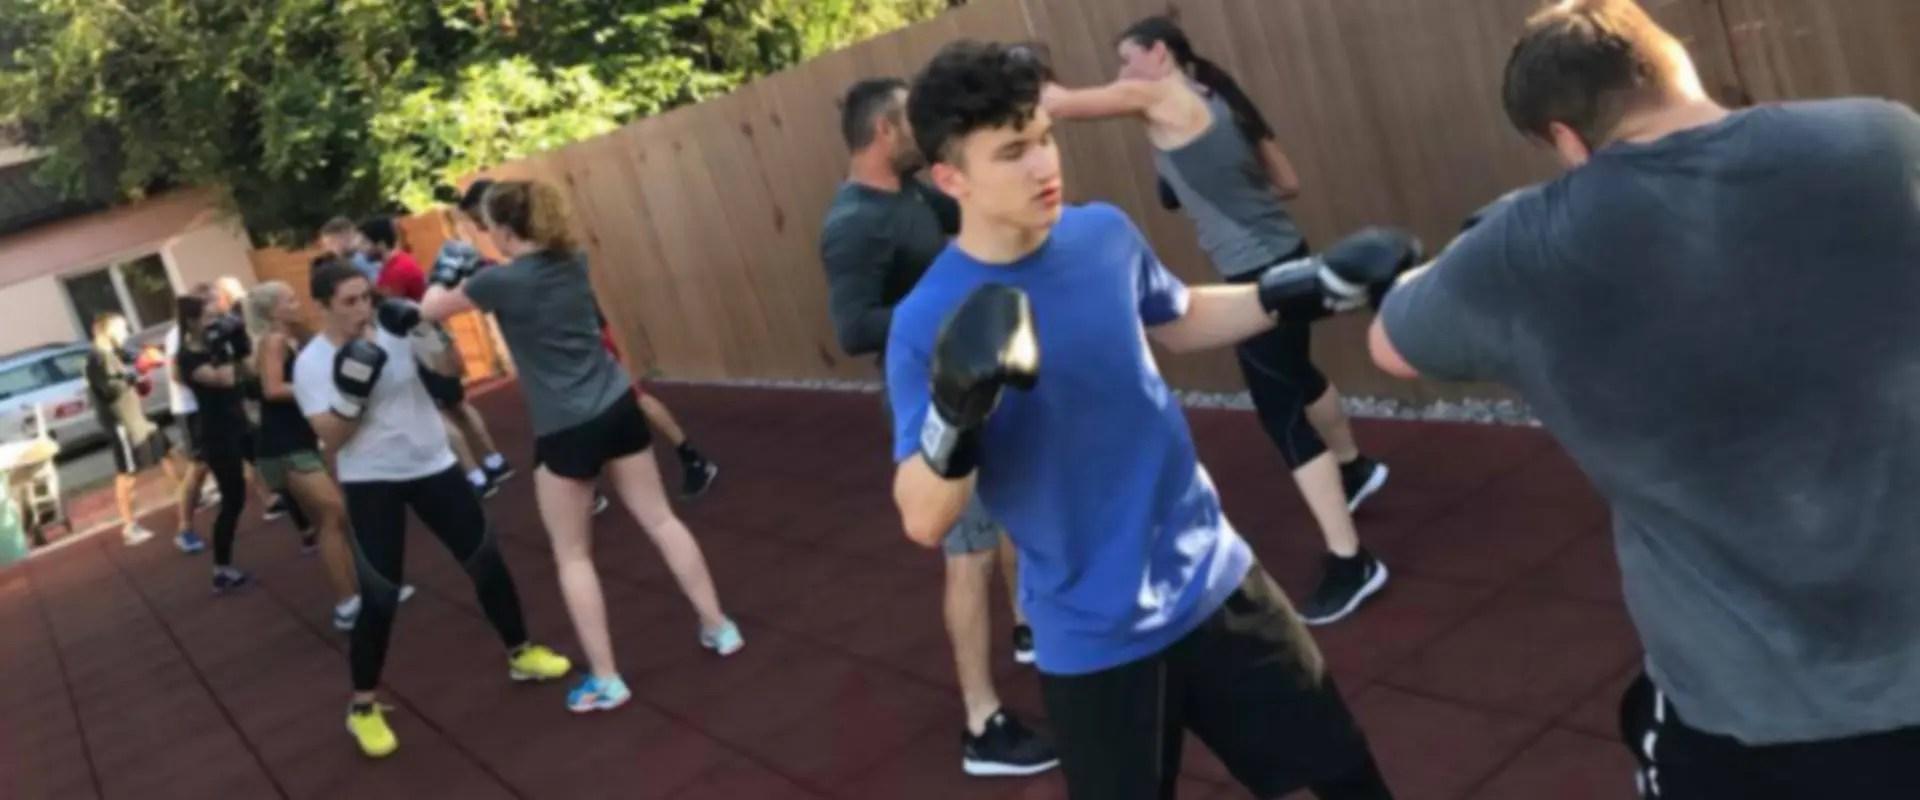 Permalink auf:BOXFIT Boxen & Fitness für Männer & Frauen